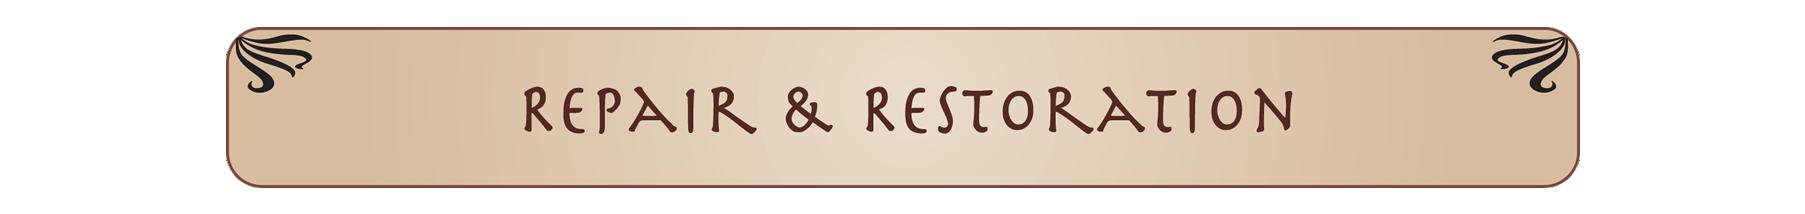 restore-1a